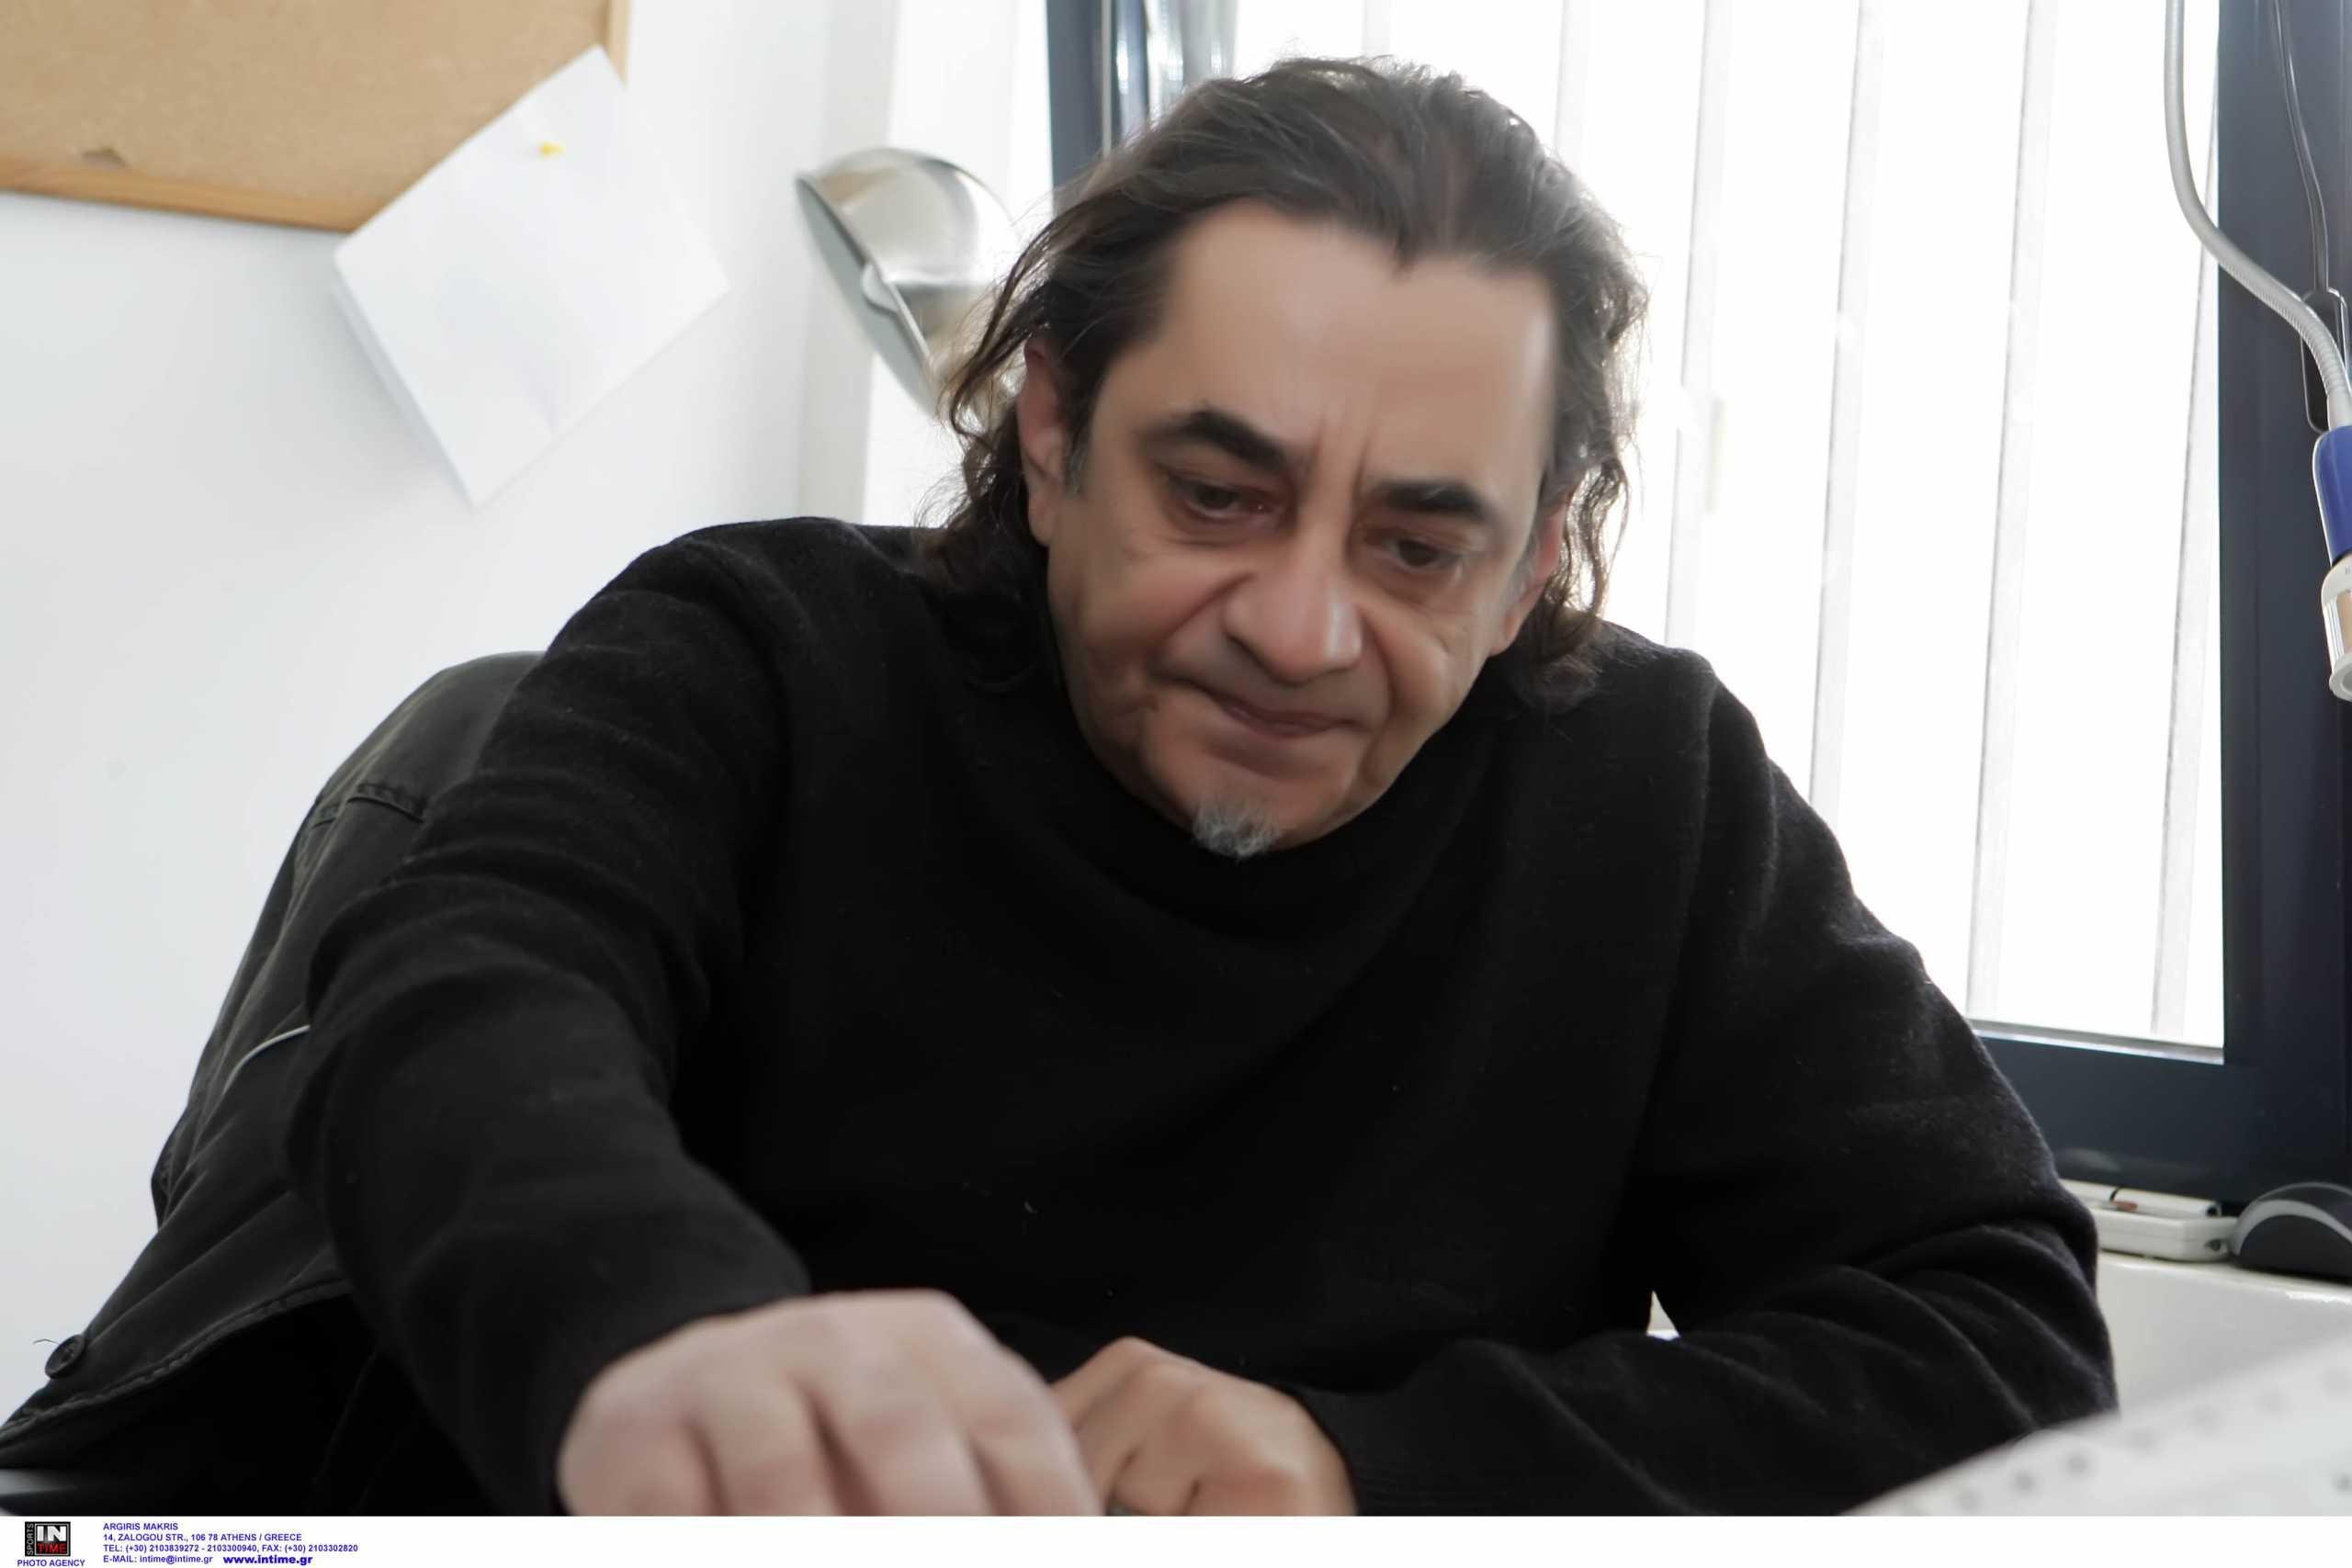 Καφετζόπουλος: Υπάρχει αυτογκόλ από τα αποδυτήρια;